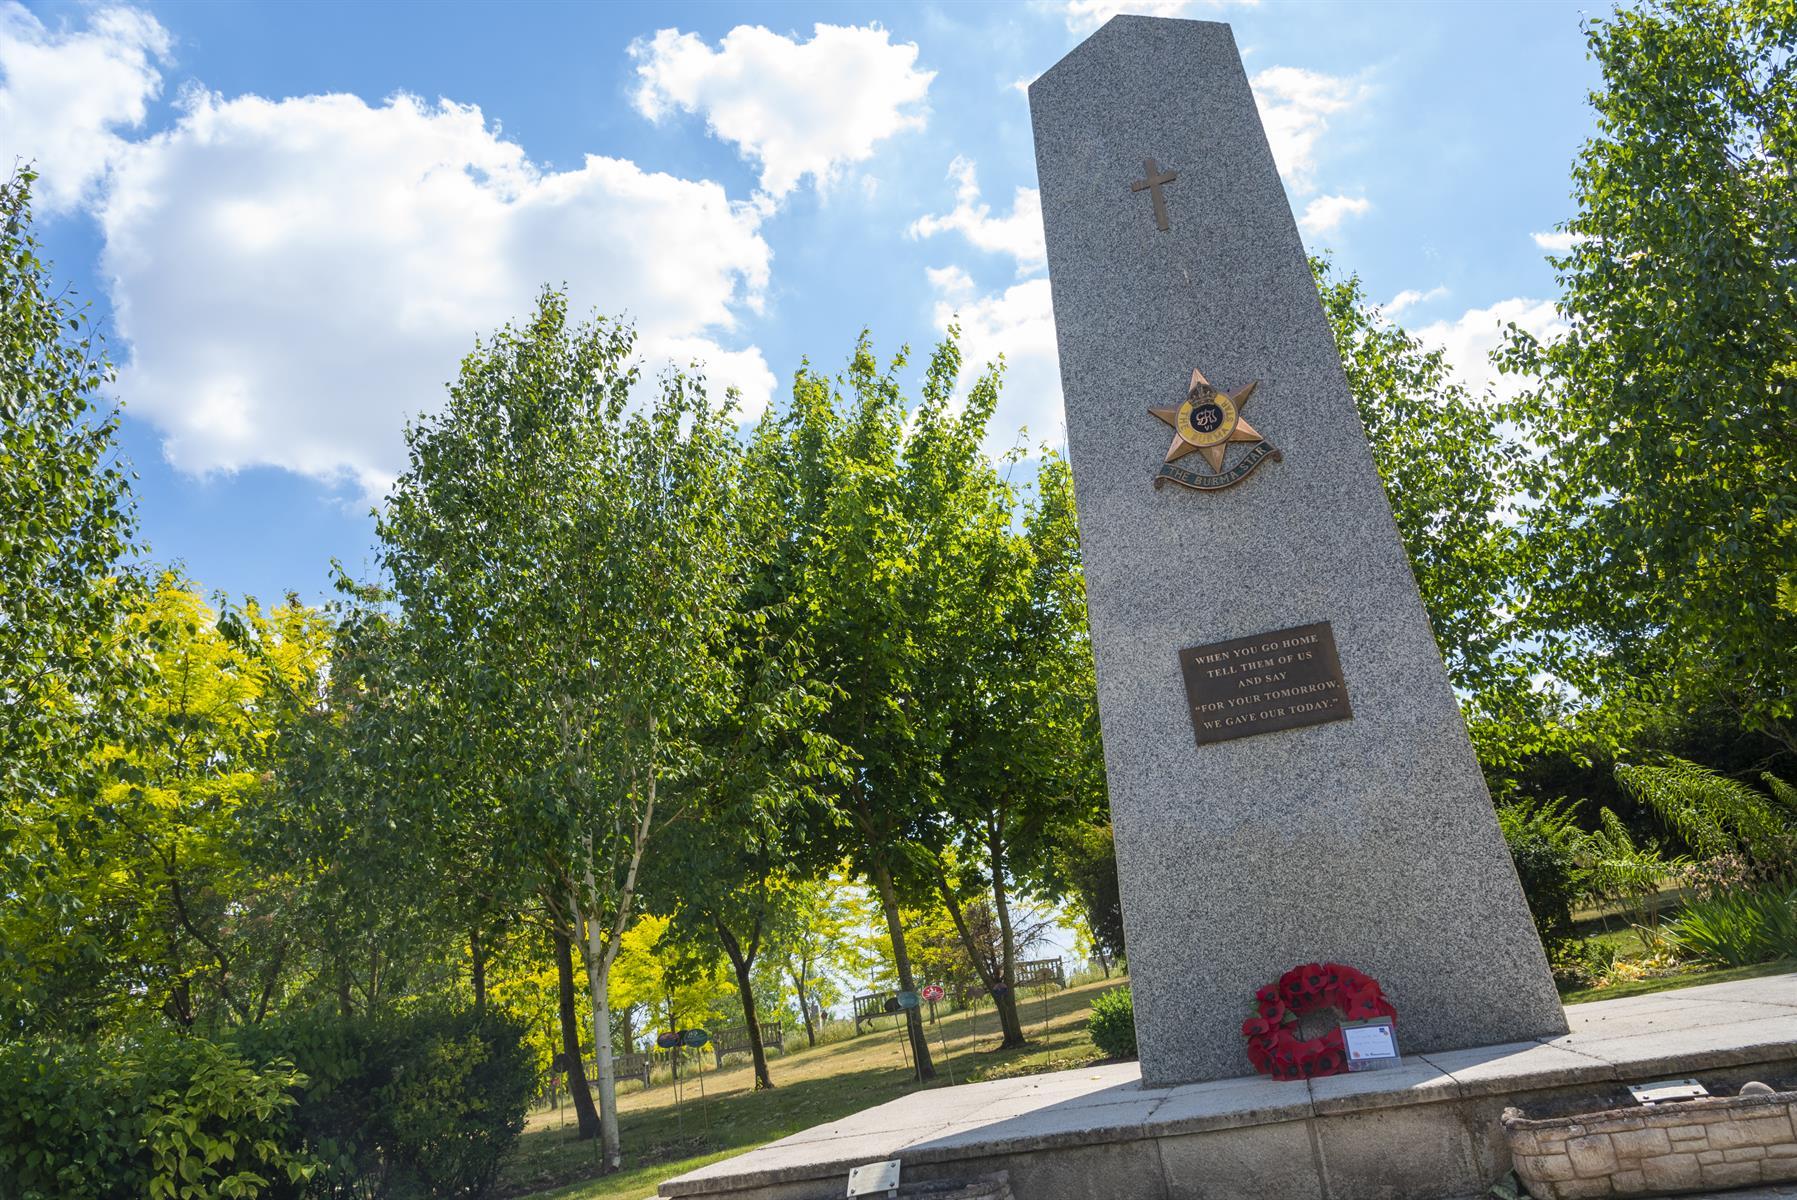 Burma Star Memorial